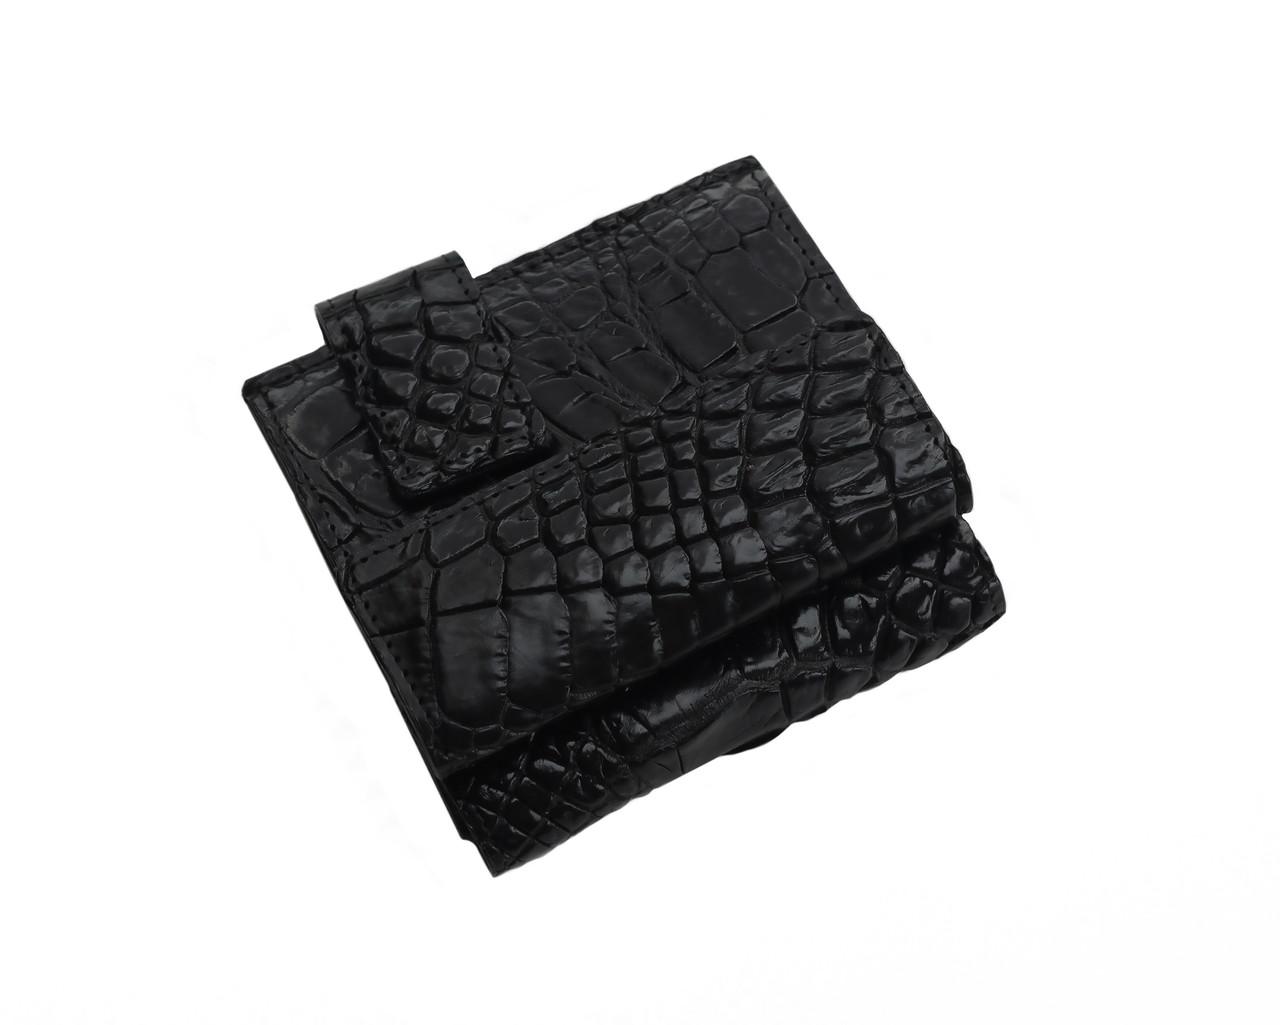 Кошелек из кожи крокодила Ekzotic Leather Черный (cw 91)